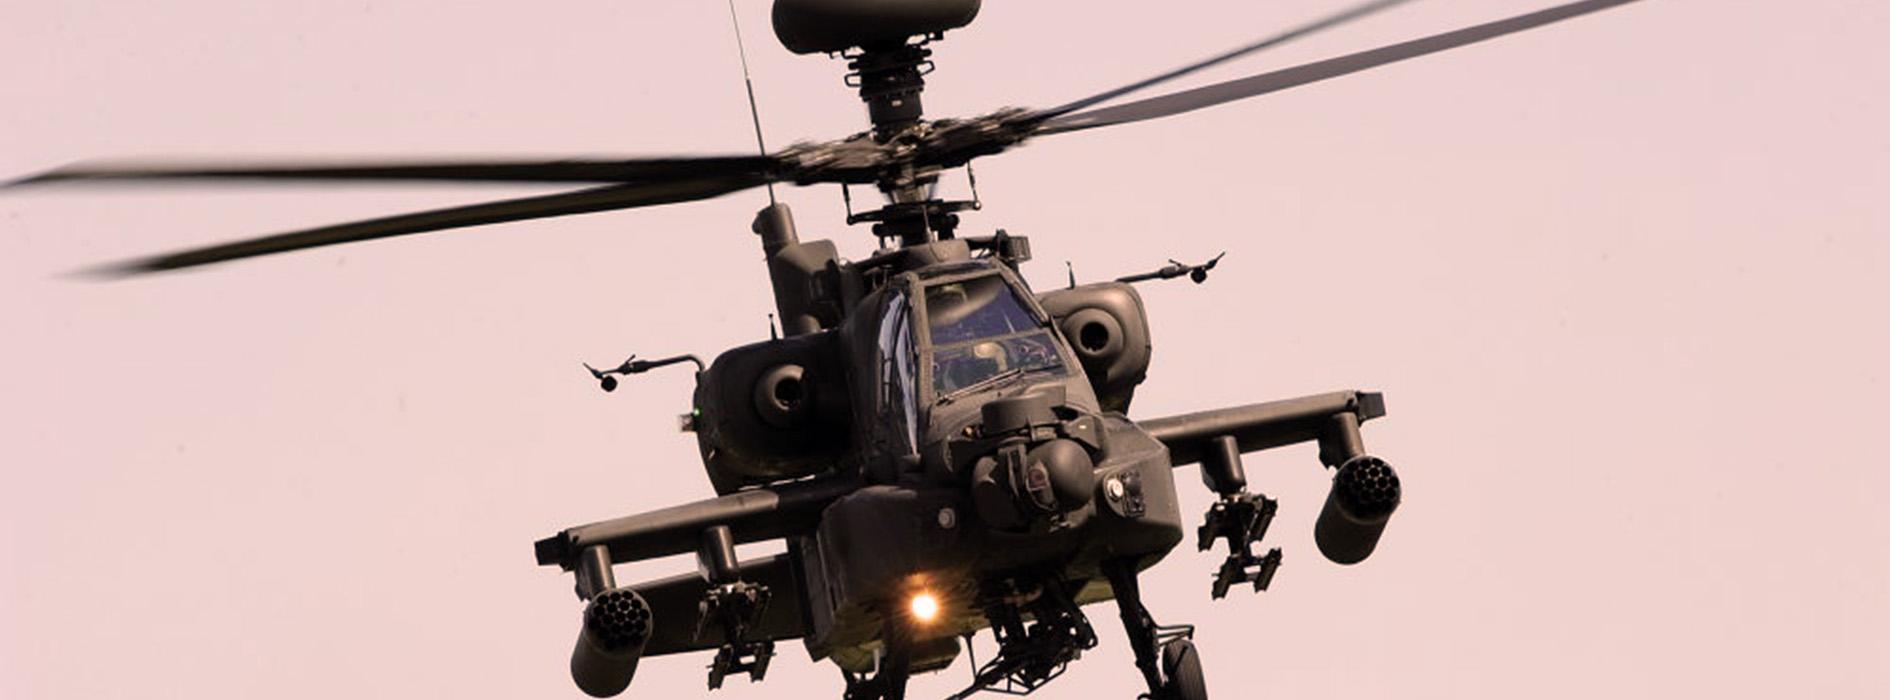 Chopper 4